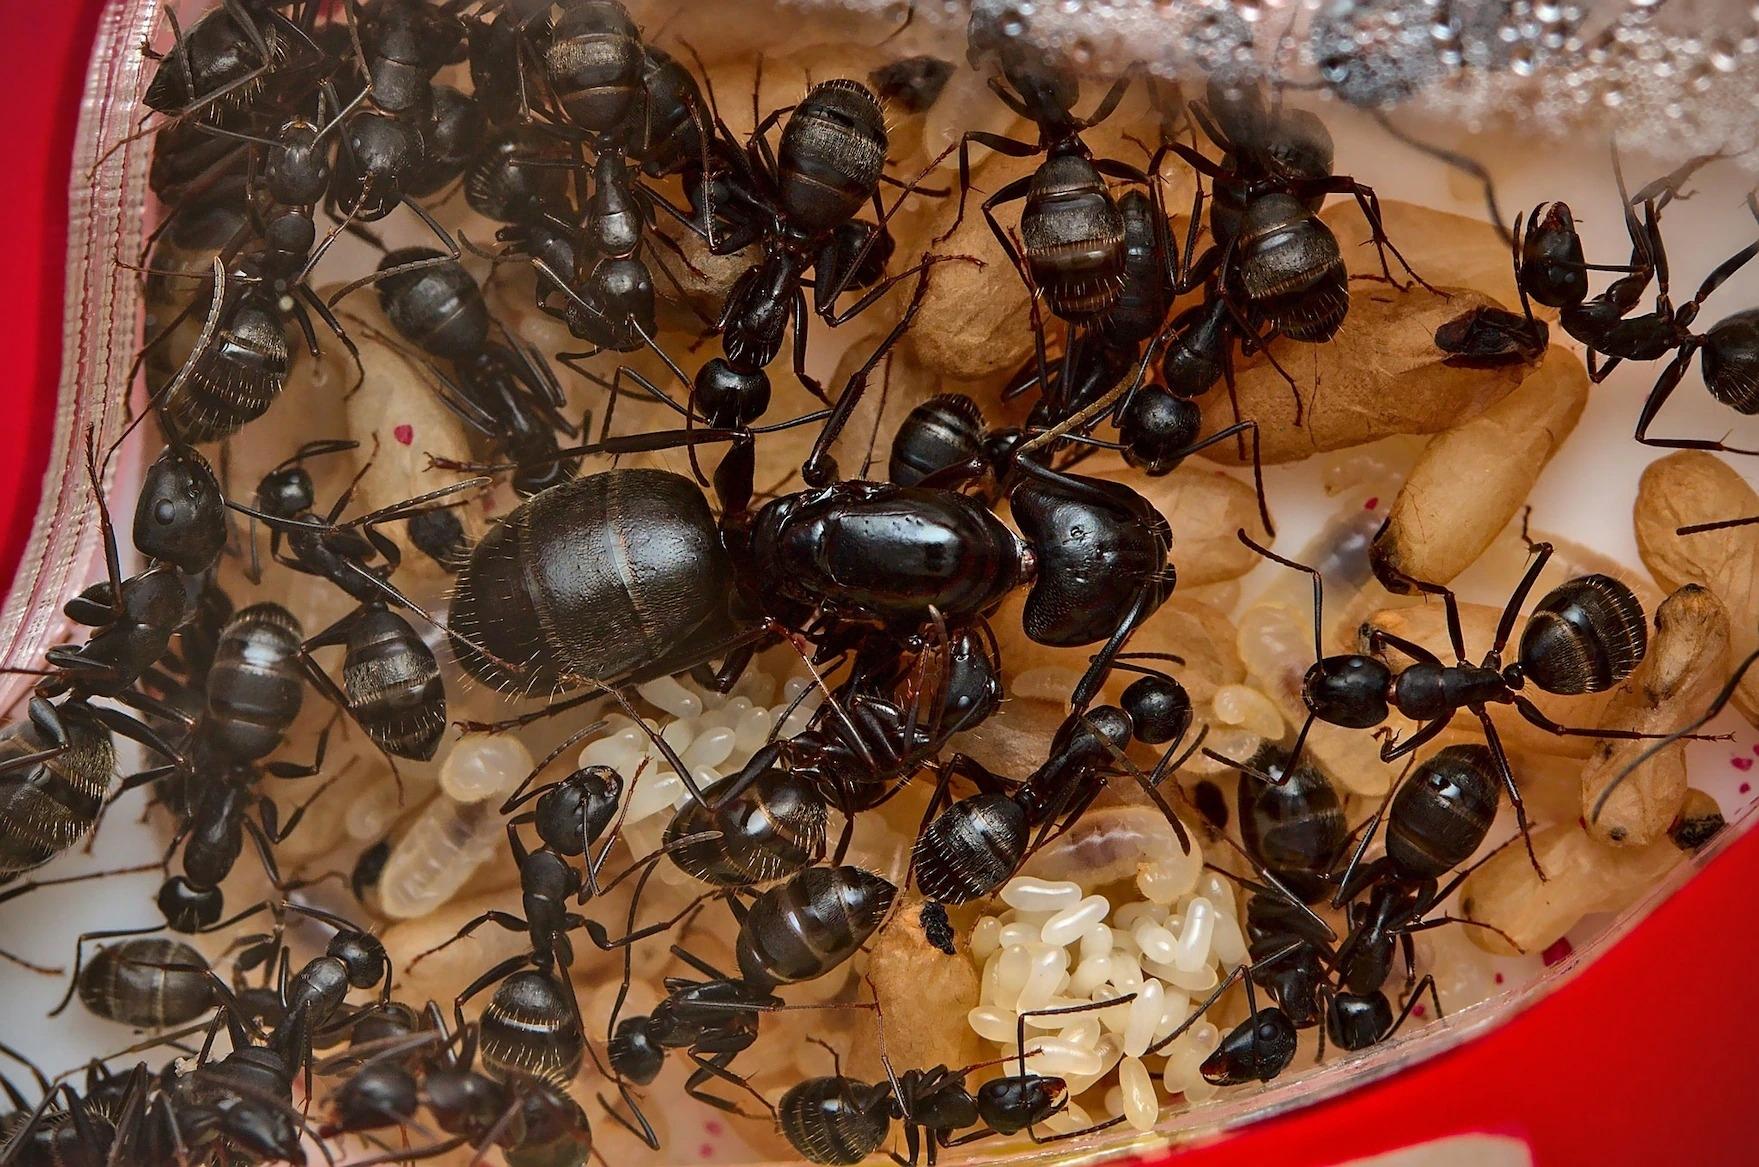 賓州弓背蟻(Camponotus pennsylvanicus)圍繞著蟻后,並照顧新生的下一代──包含了蟻后下方像是飯粒的卵,以及準備孵化的蛹。 PHOTOGRAPH BY LUKE DOYLE, BUCKEYE MYRMECOLOGY